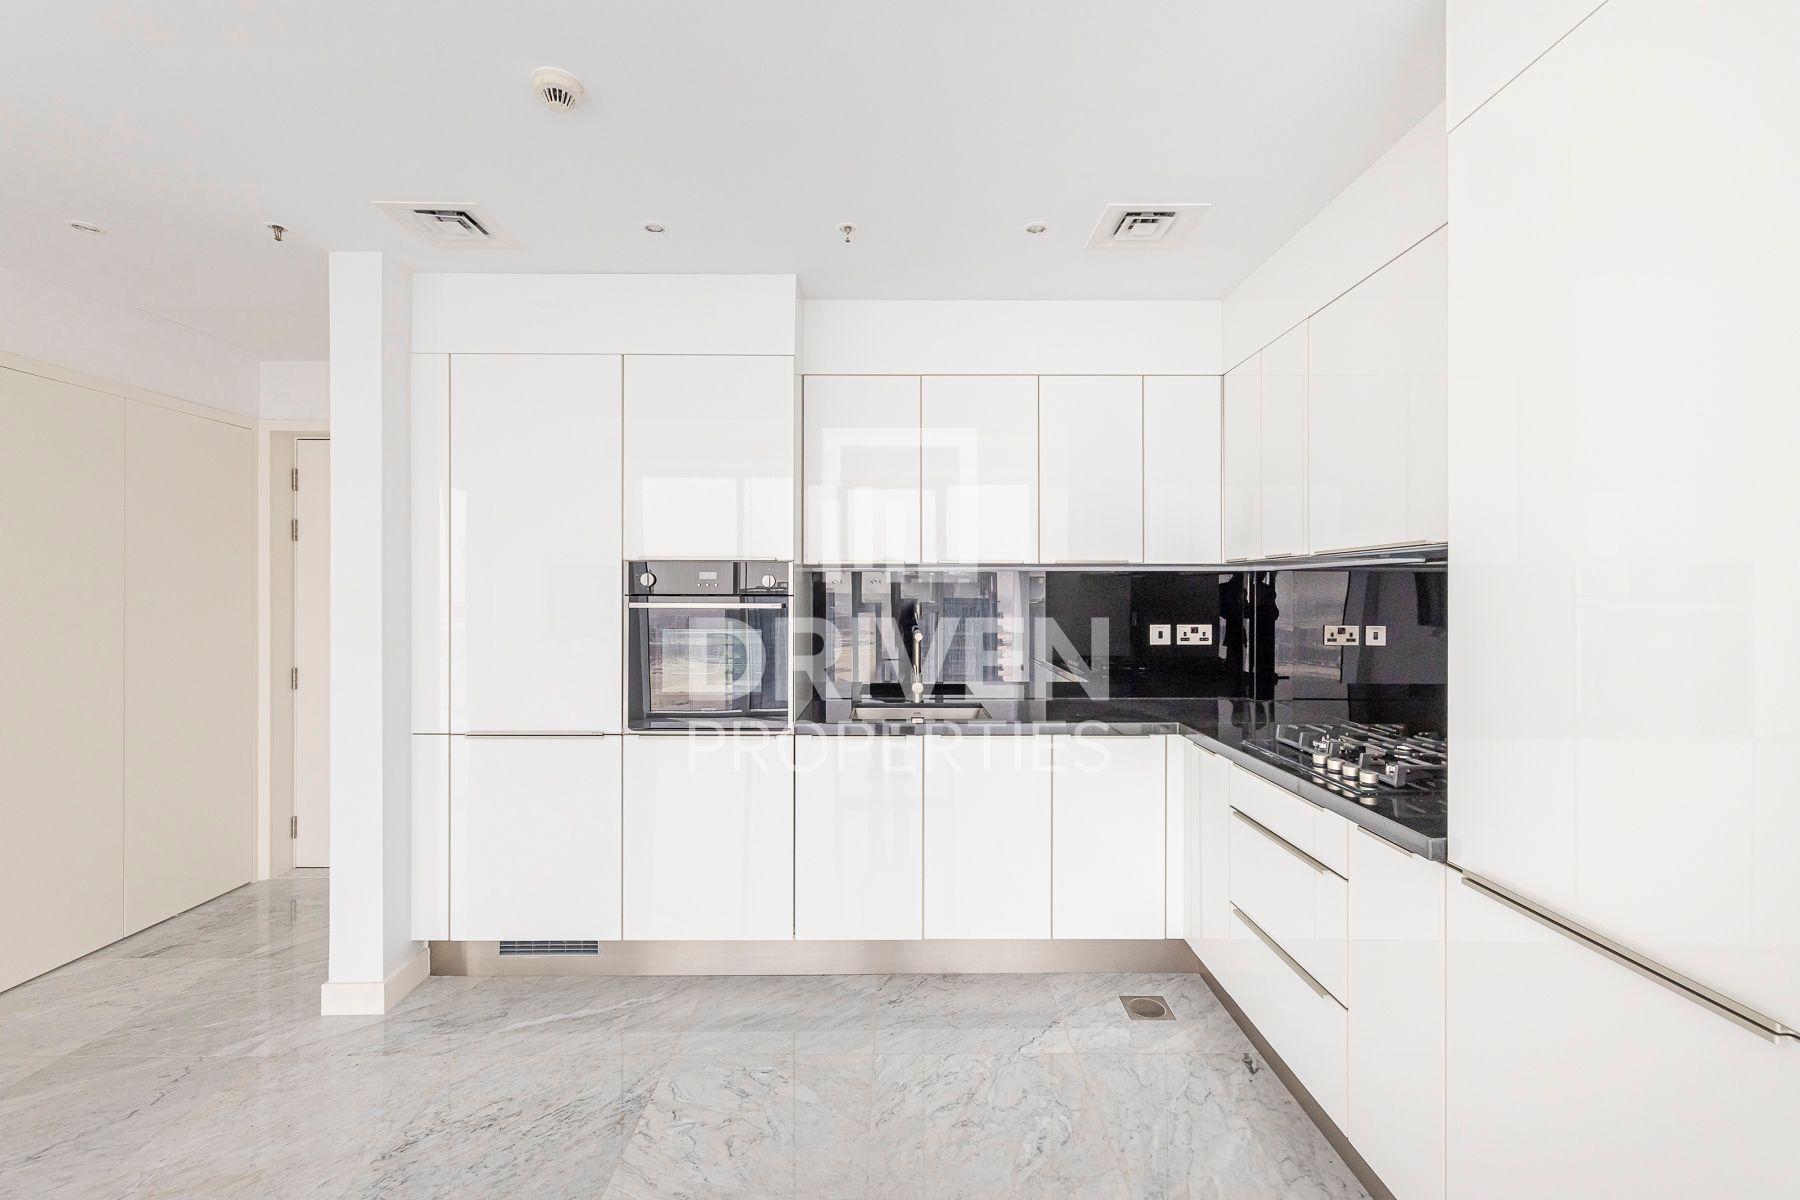 680 قدم مربع  شقة - للايجار - Business Bay